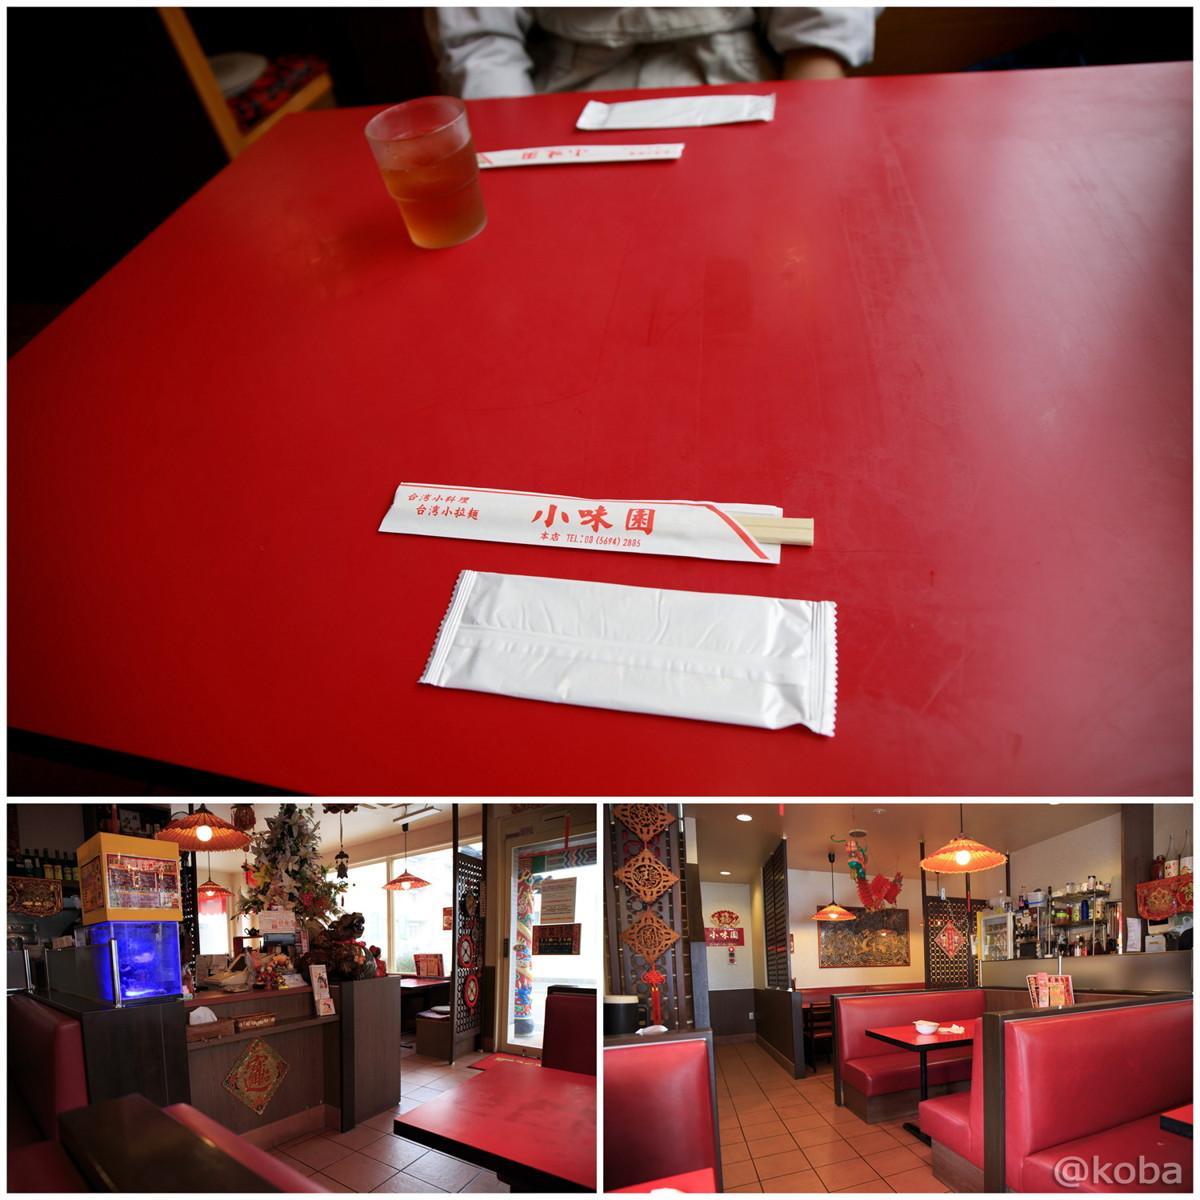 内観の写真 テーブル席│台湾料理 小味園 本店 (しょうみえん)│小岩 ブログ│平日ランチ